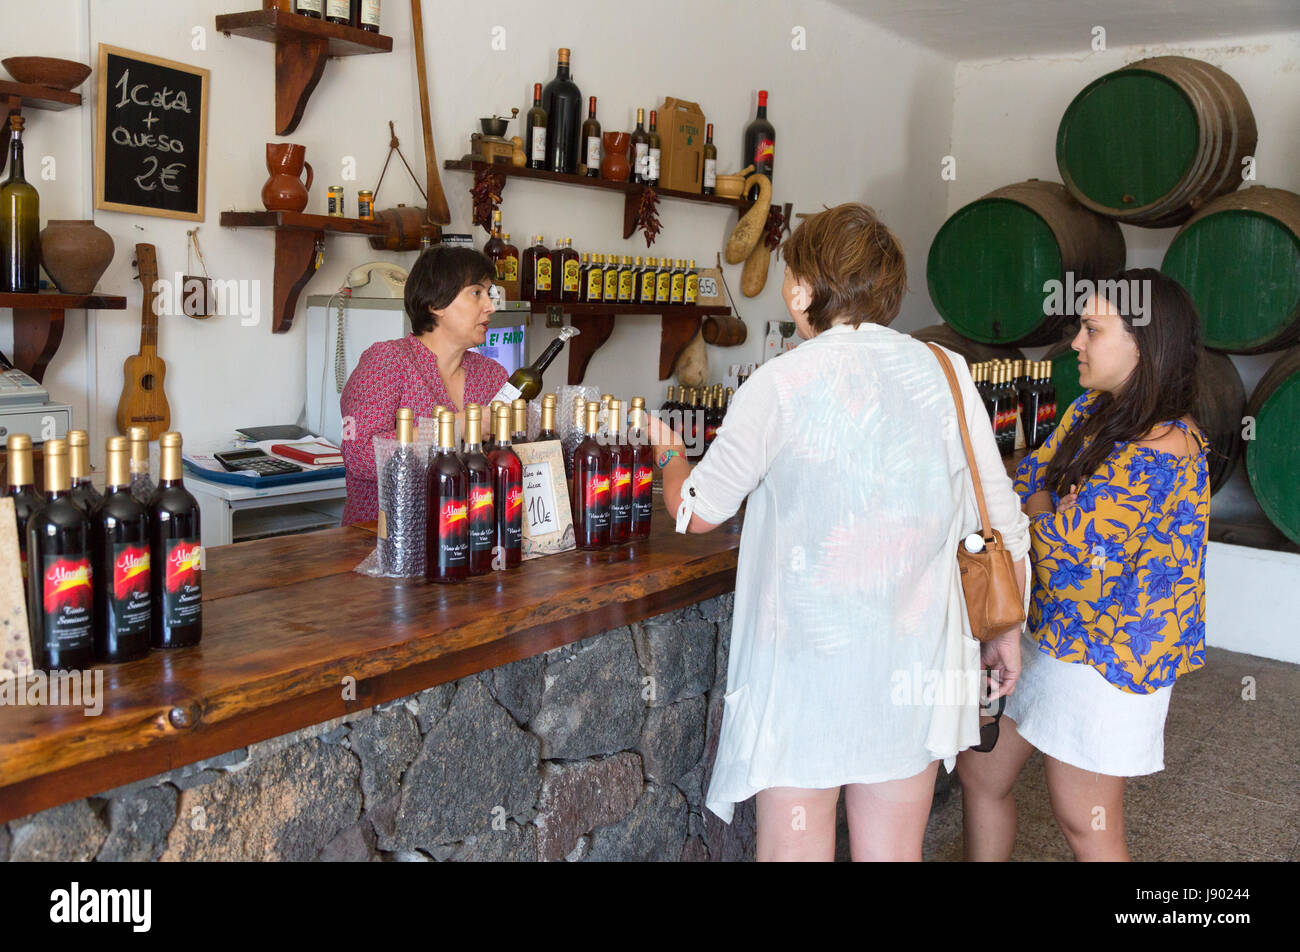 Lanzarote-Wein - zwei Touristen Weinprobe in einem Weingut oder Bodega, Lanzarote, Kanarische Inseln, Europa, Lanzarote Stockbild